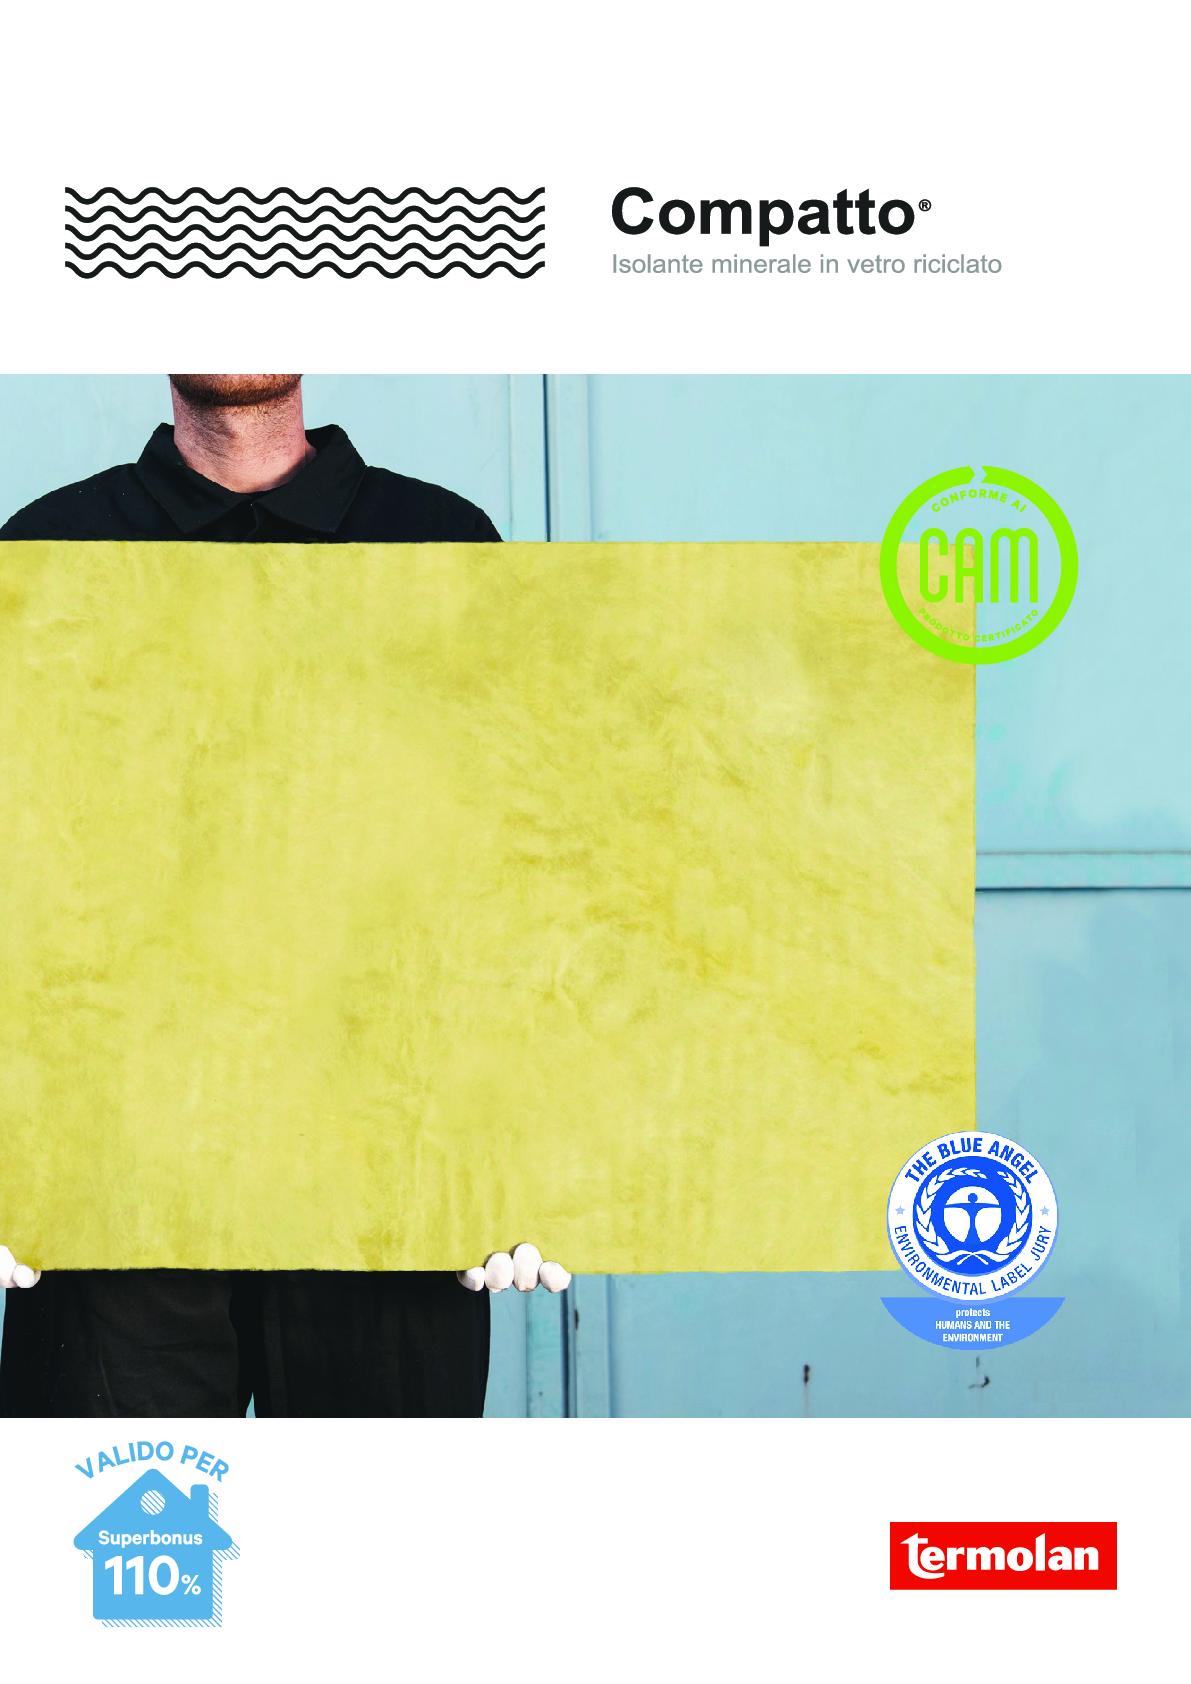 Compatto brochure